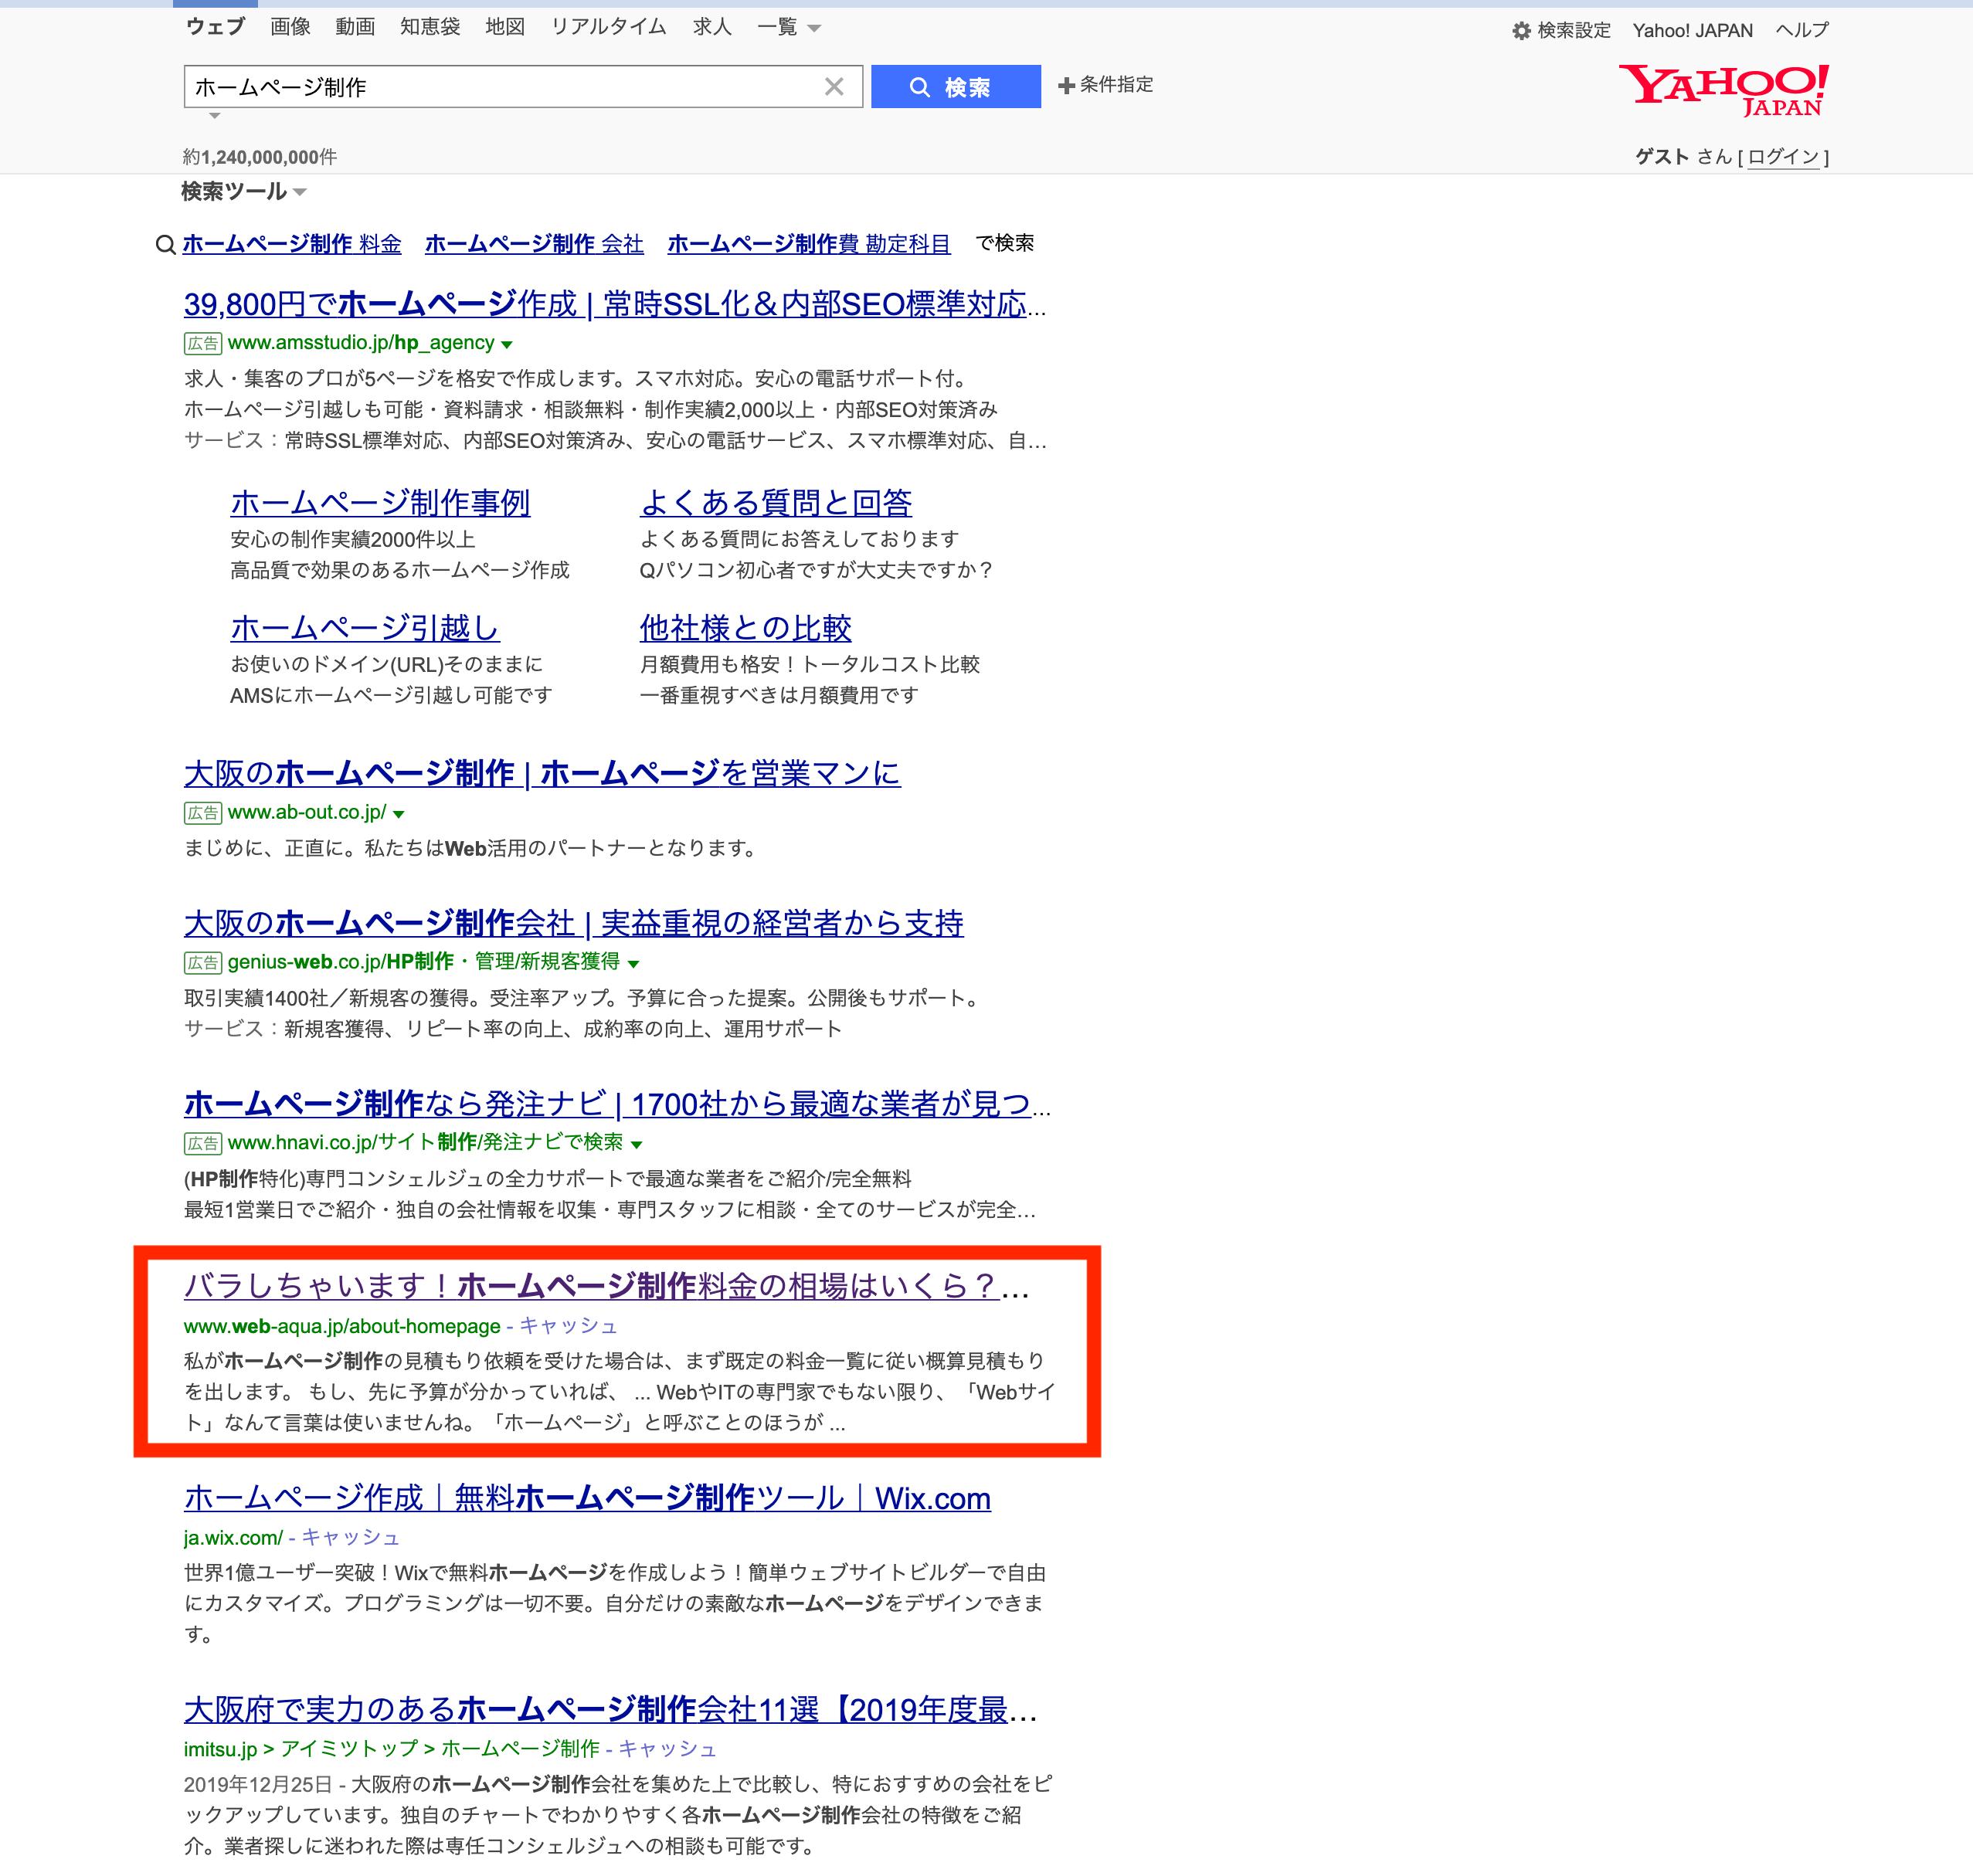 ホームページ制作 Yahoo!検索1位